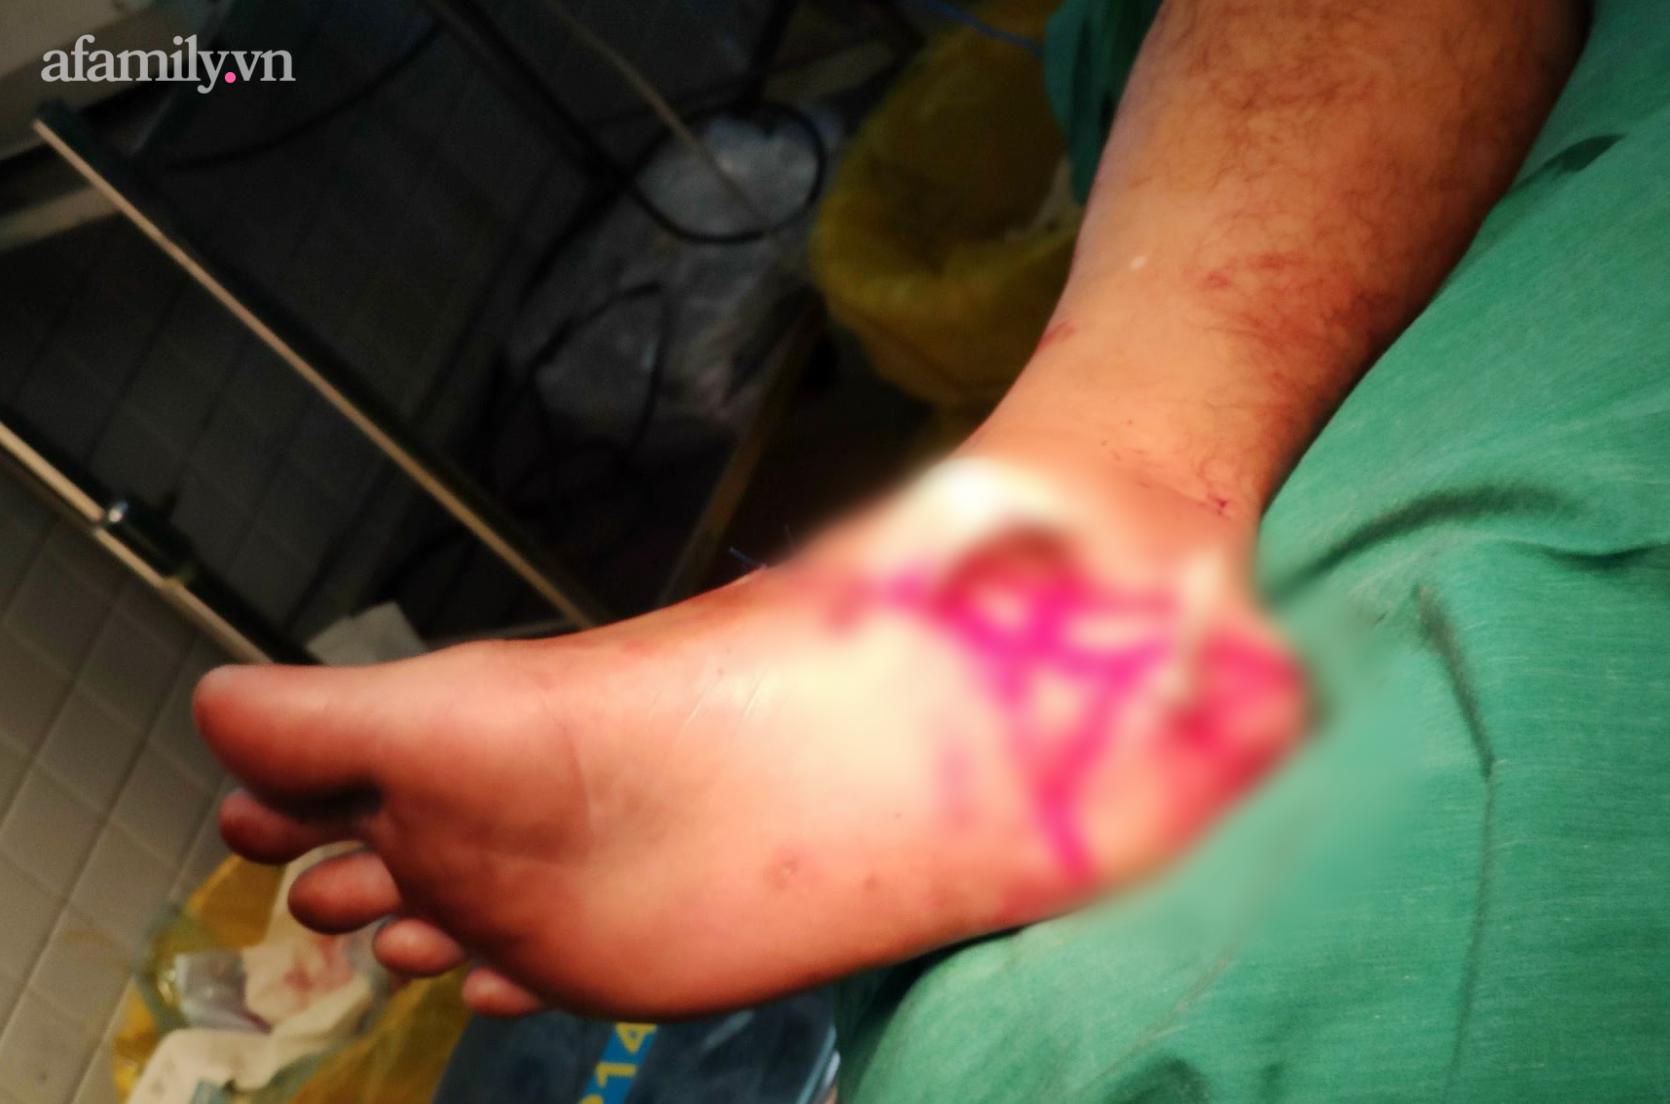 Tai nạn kinh hoàng: Máy cắt cỏ gãy văng ra chém đứt lìa chân người đàn ông, bác sĩ xuyên đêm nối lại - Ảnh 3.